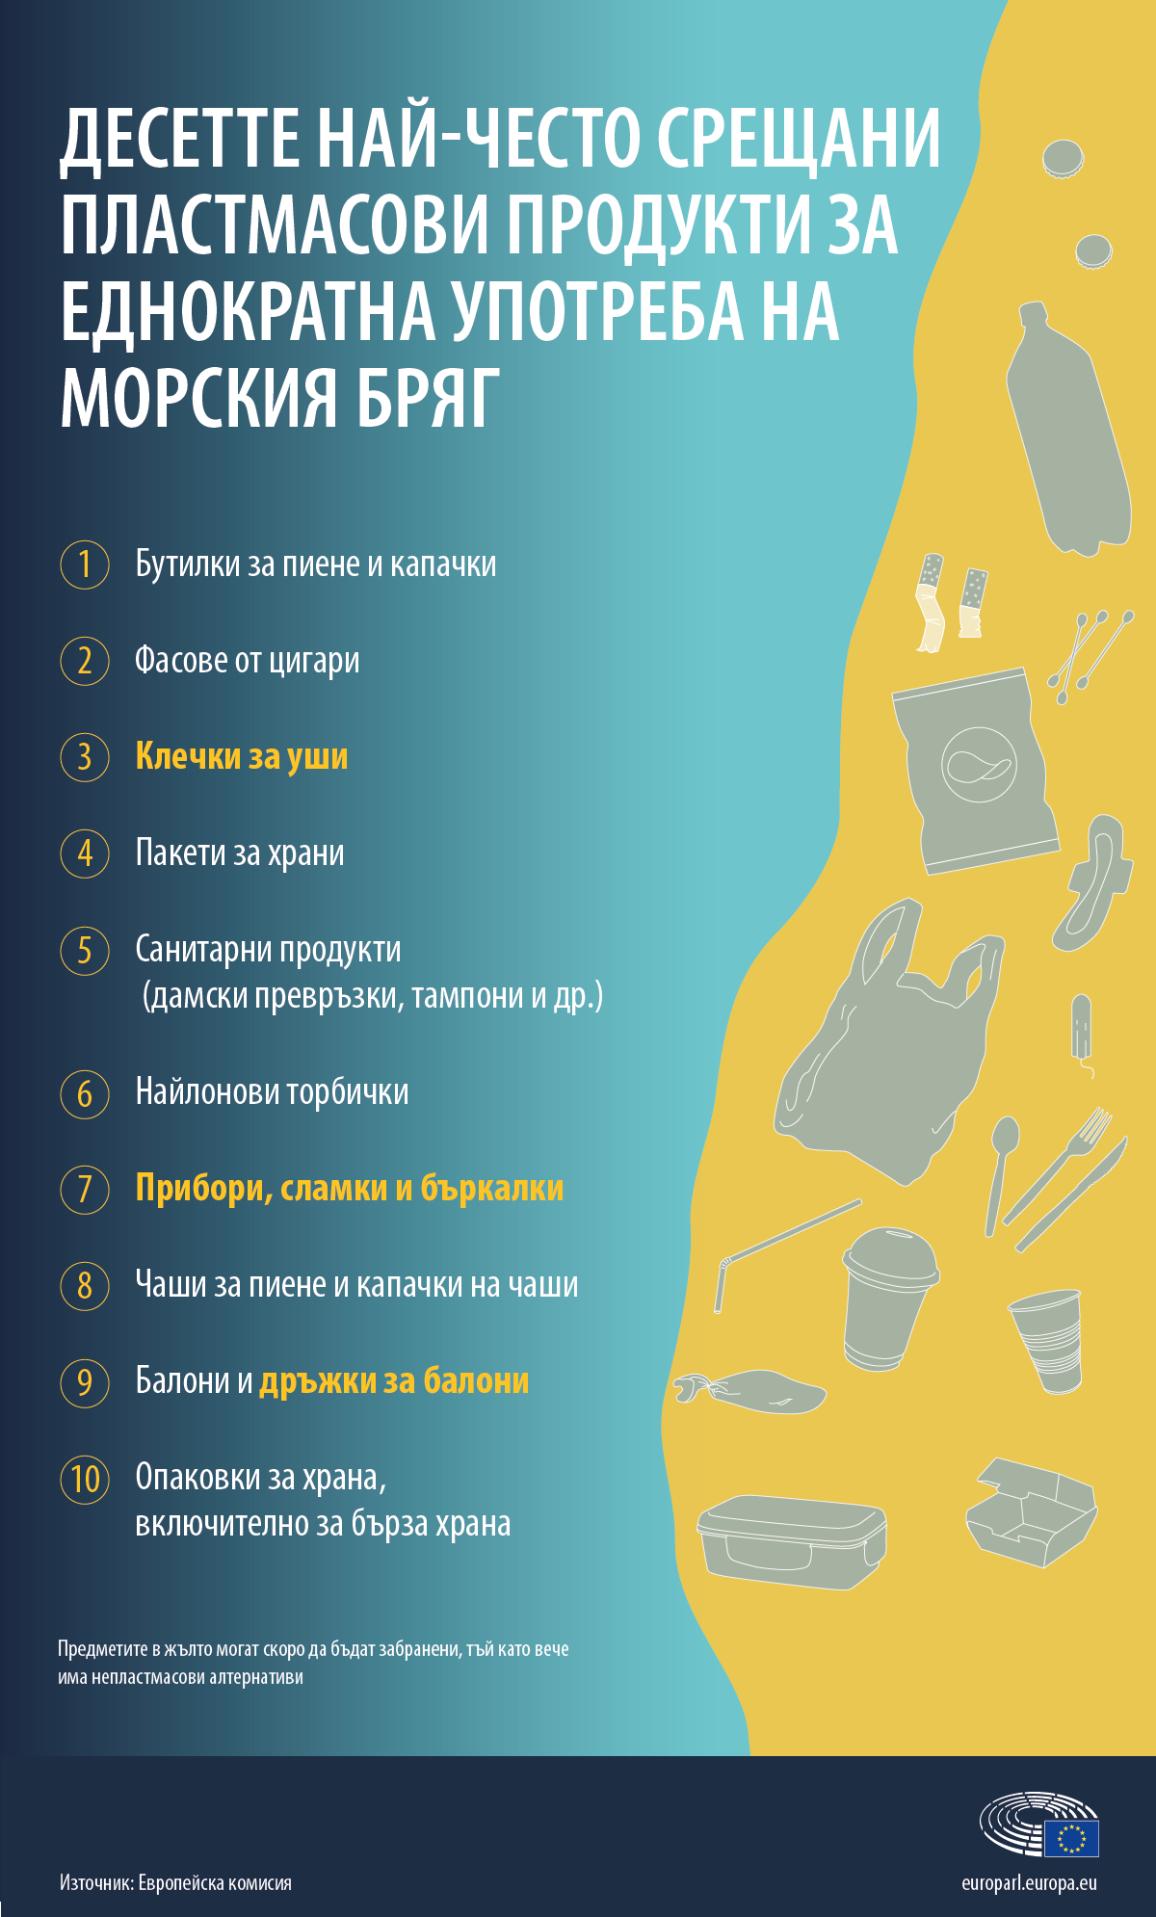 Инфографика за най-често срещаните пластмасови продукти за еднократна употреба на морския бряг